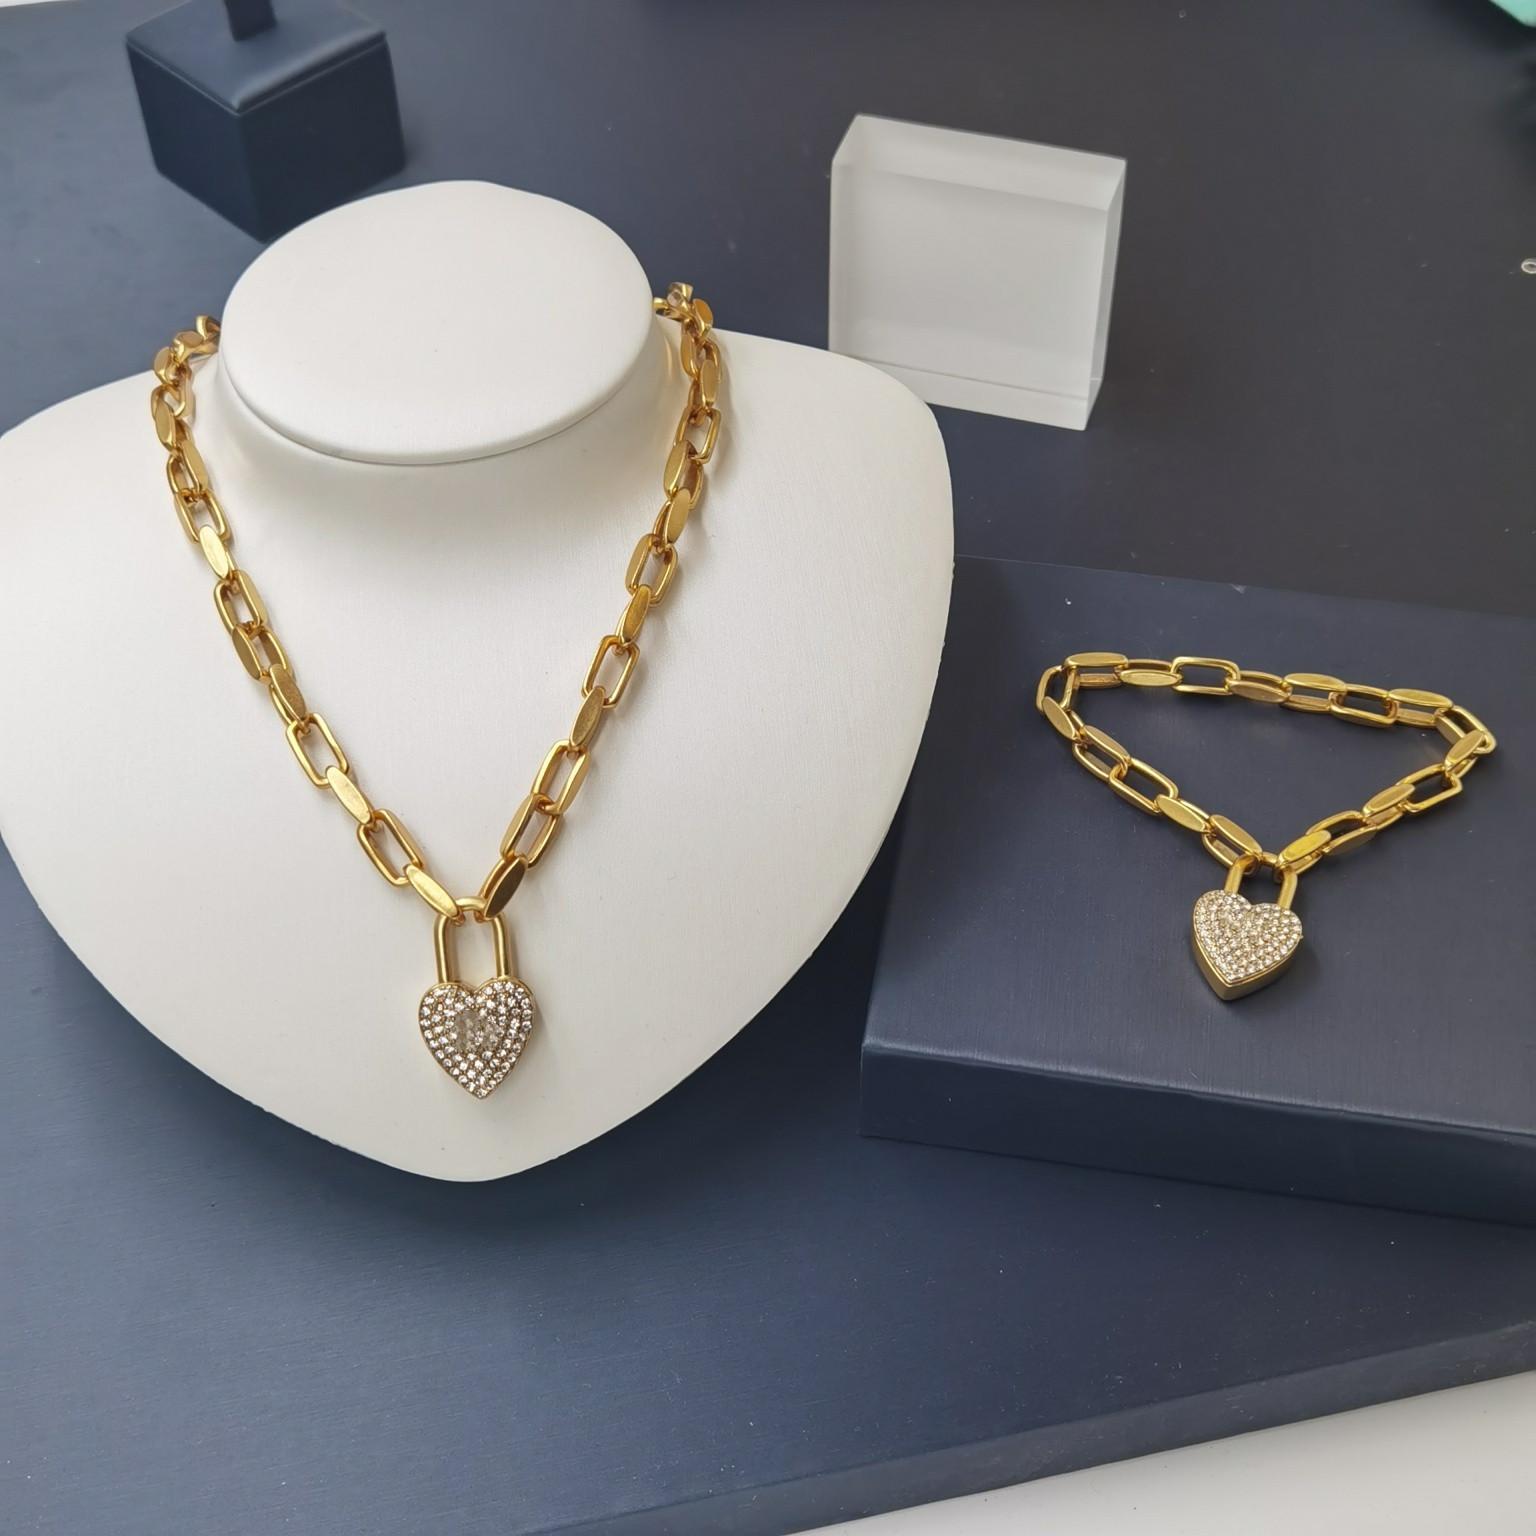 Productos calientes Collar de oro y pulsera para mujer Pulsera de corazón Moda Charm Collar Cadena Joyería